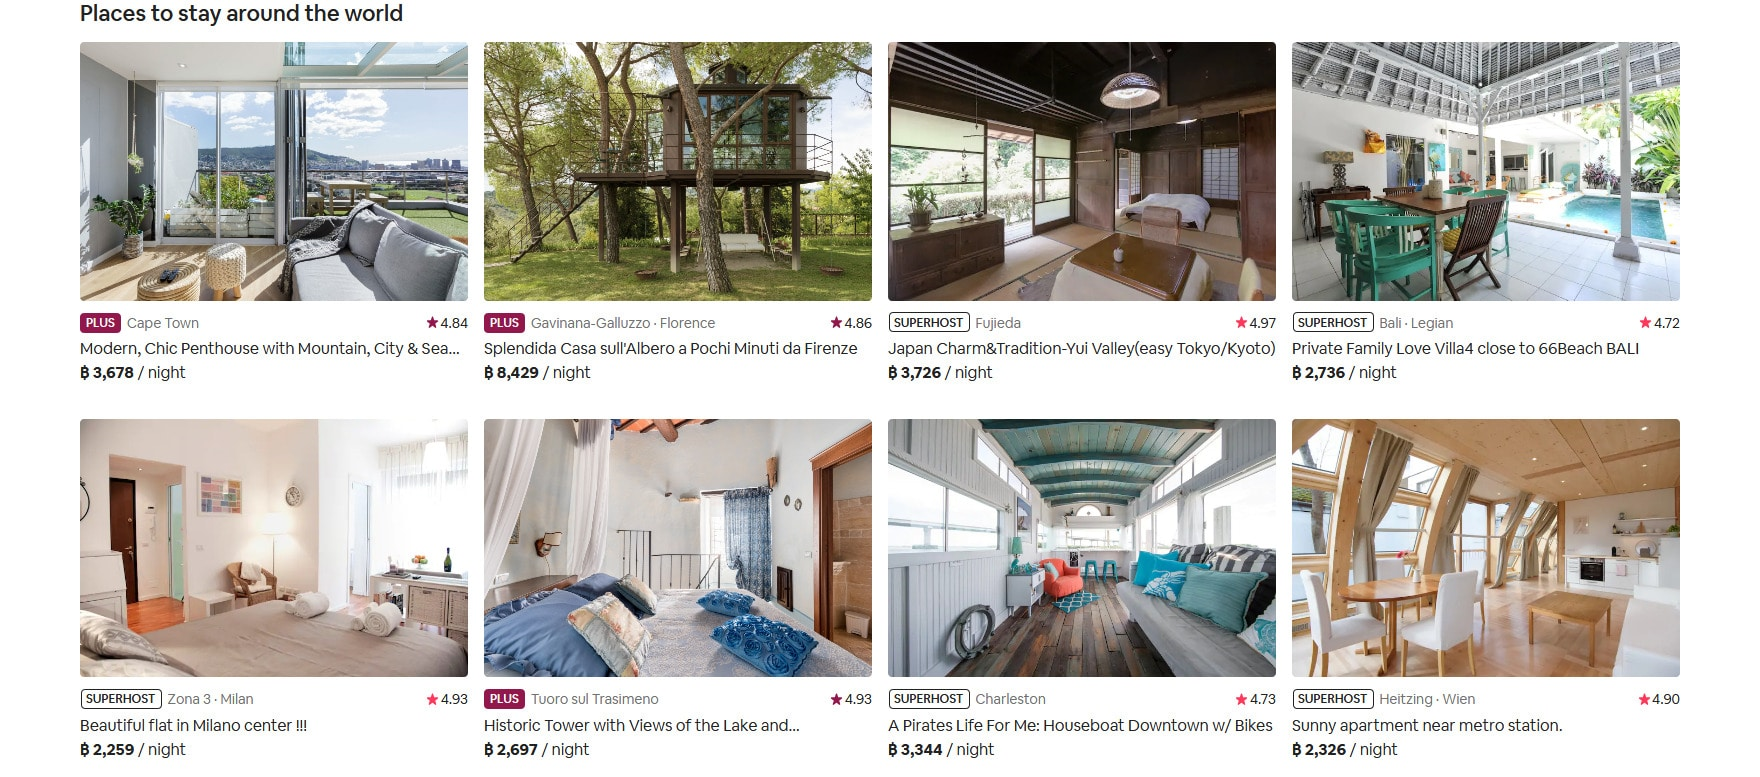 Airbnb's deals